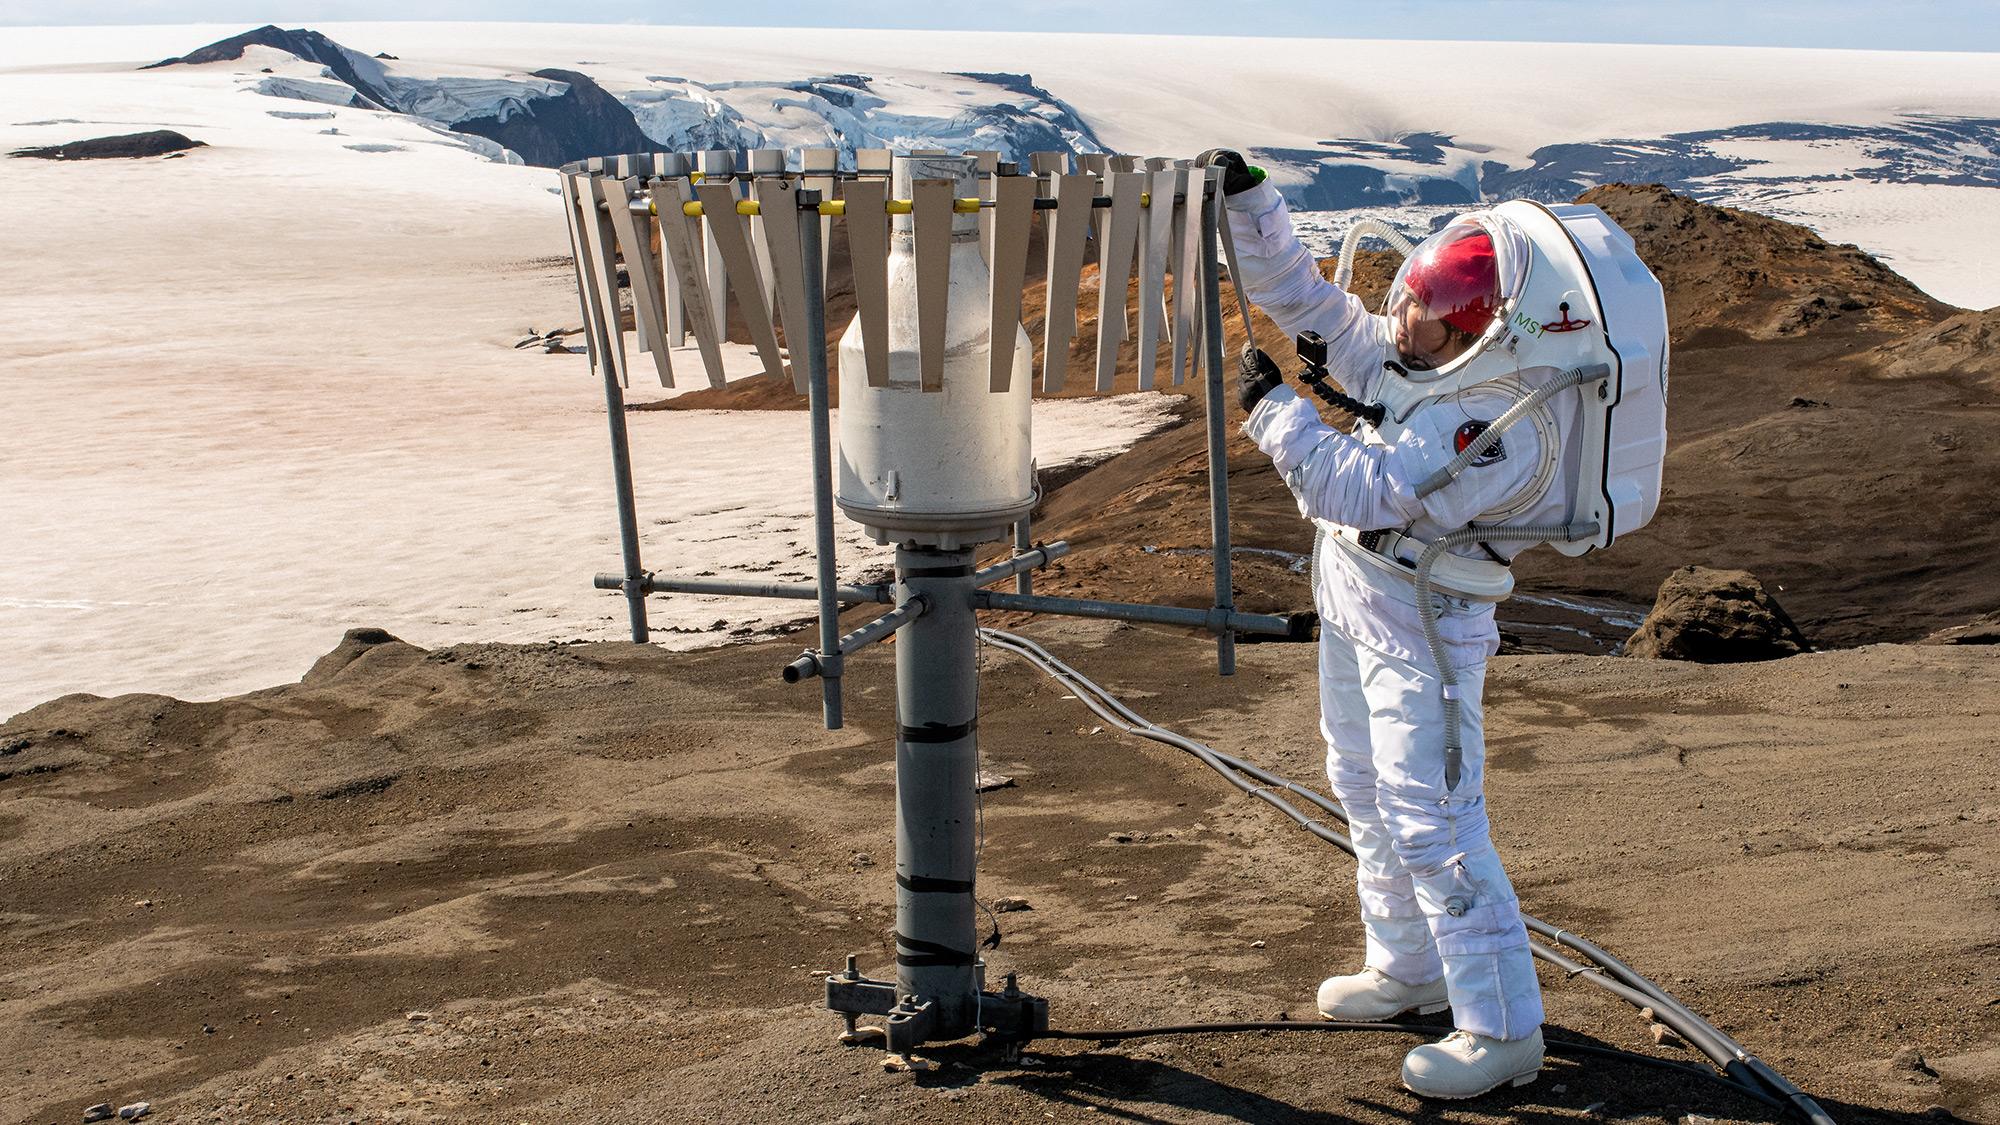 Planeta Marte. INCREDIBILE IMAGINI ale NASA ce-au UIMIT Lumea costum